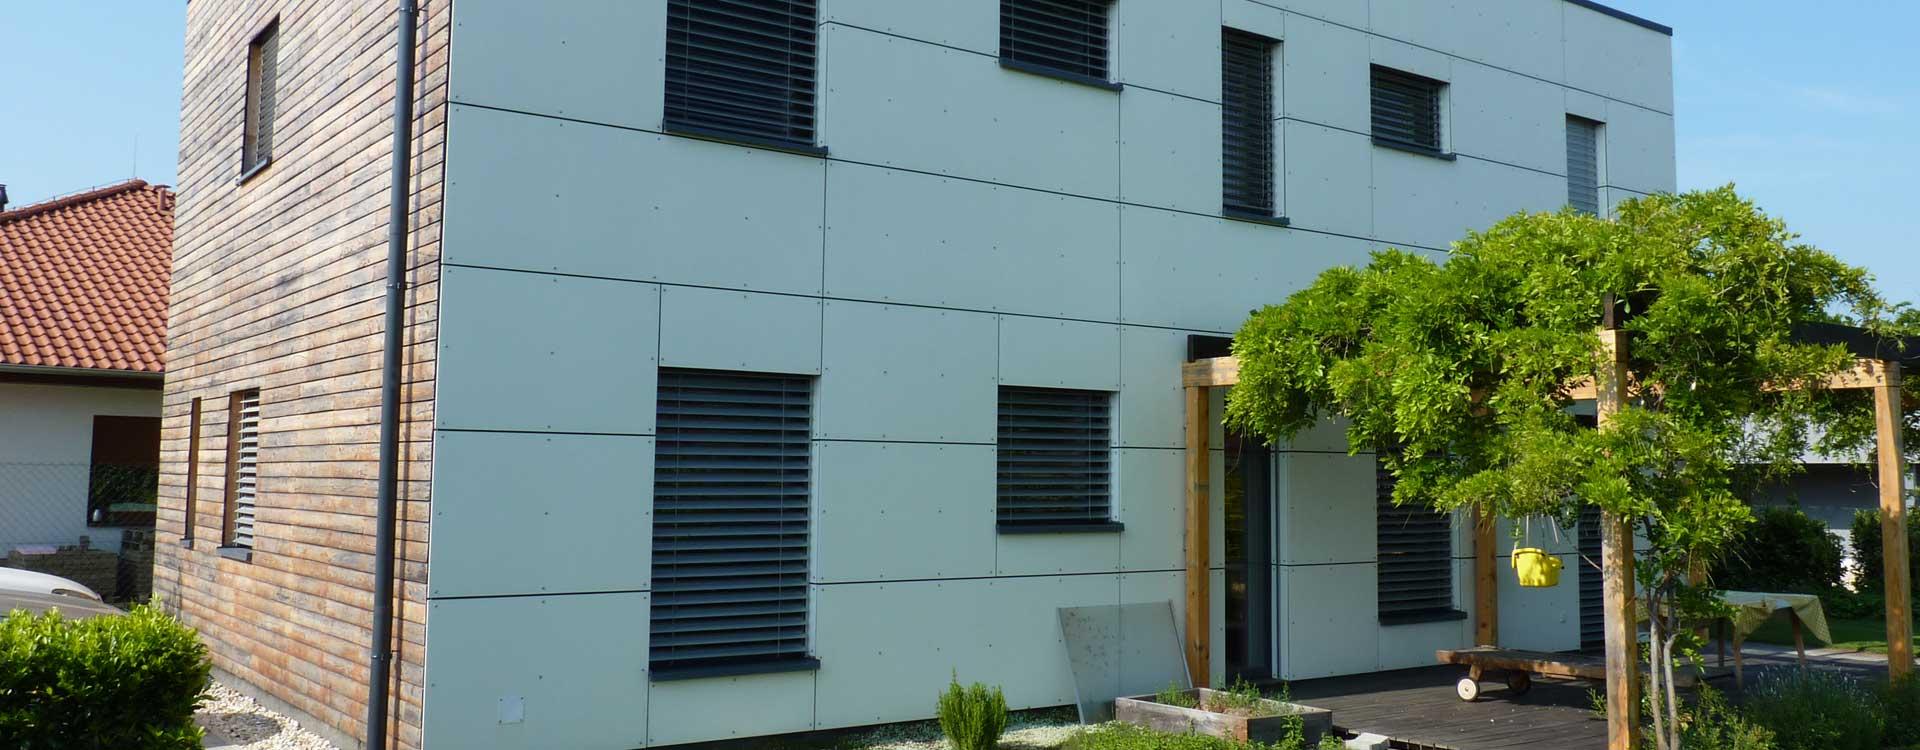 Ekologické stavby z dreva